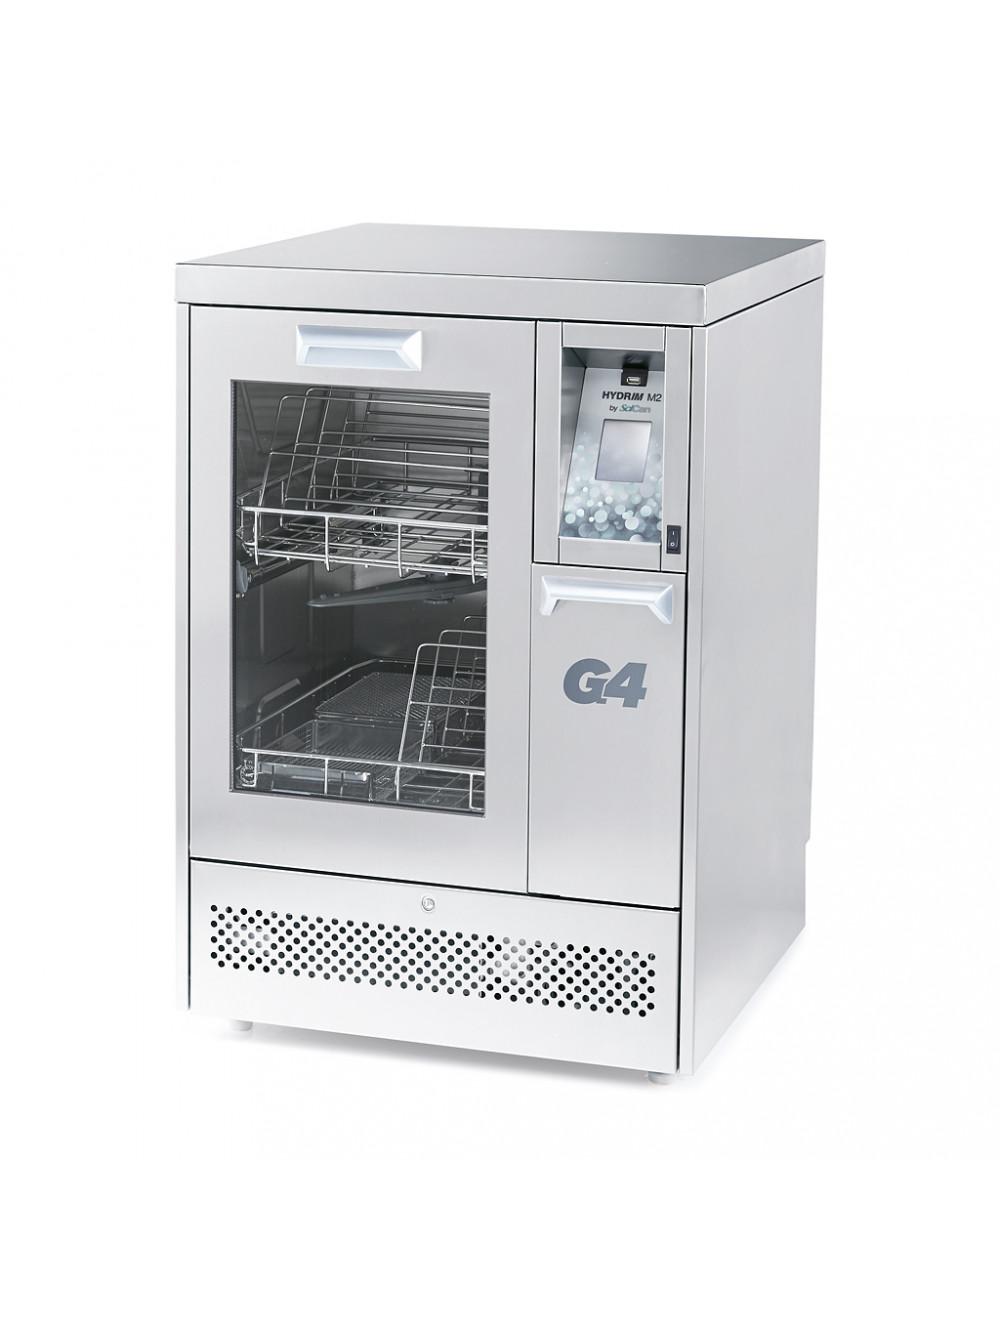 Scican Reinigungs- und Desinfektionsgerät HYDRIM M2, G4-Cloud M2WD-D02-G4, Freistehend, Beladungsoption 1 Reinigungsgeräte